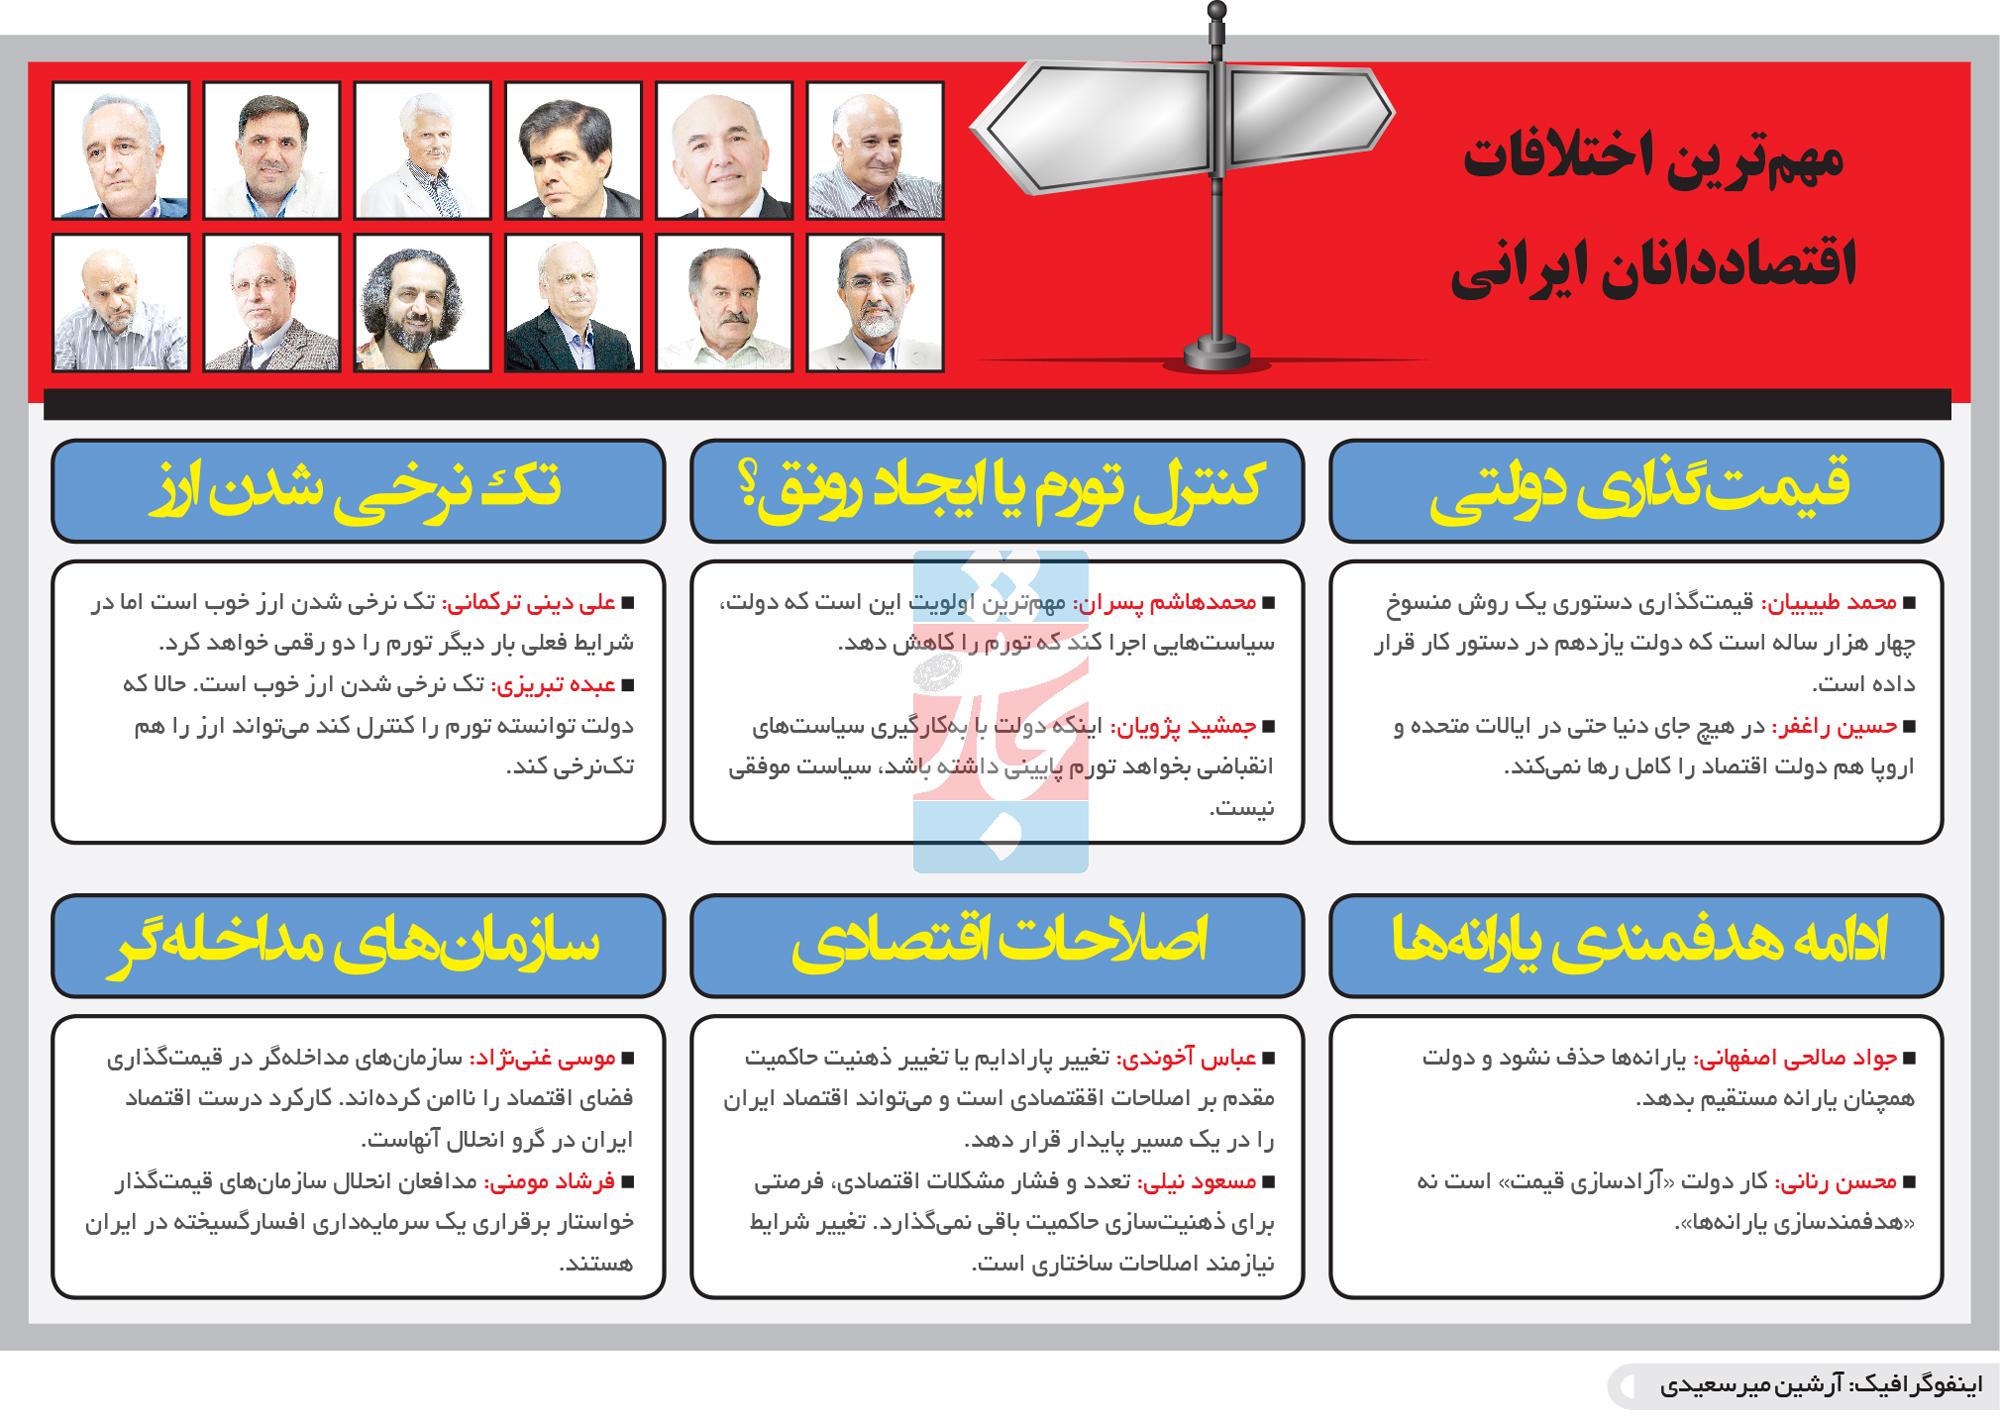 تجارت فردا- اینفوگرافیک- مهمترین اختلافات اقتصاددانان ایرانی